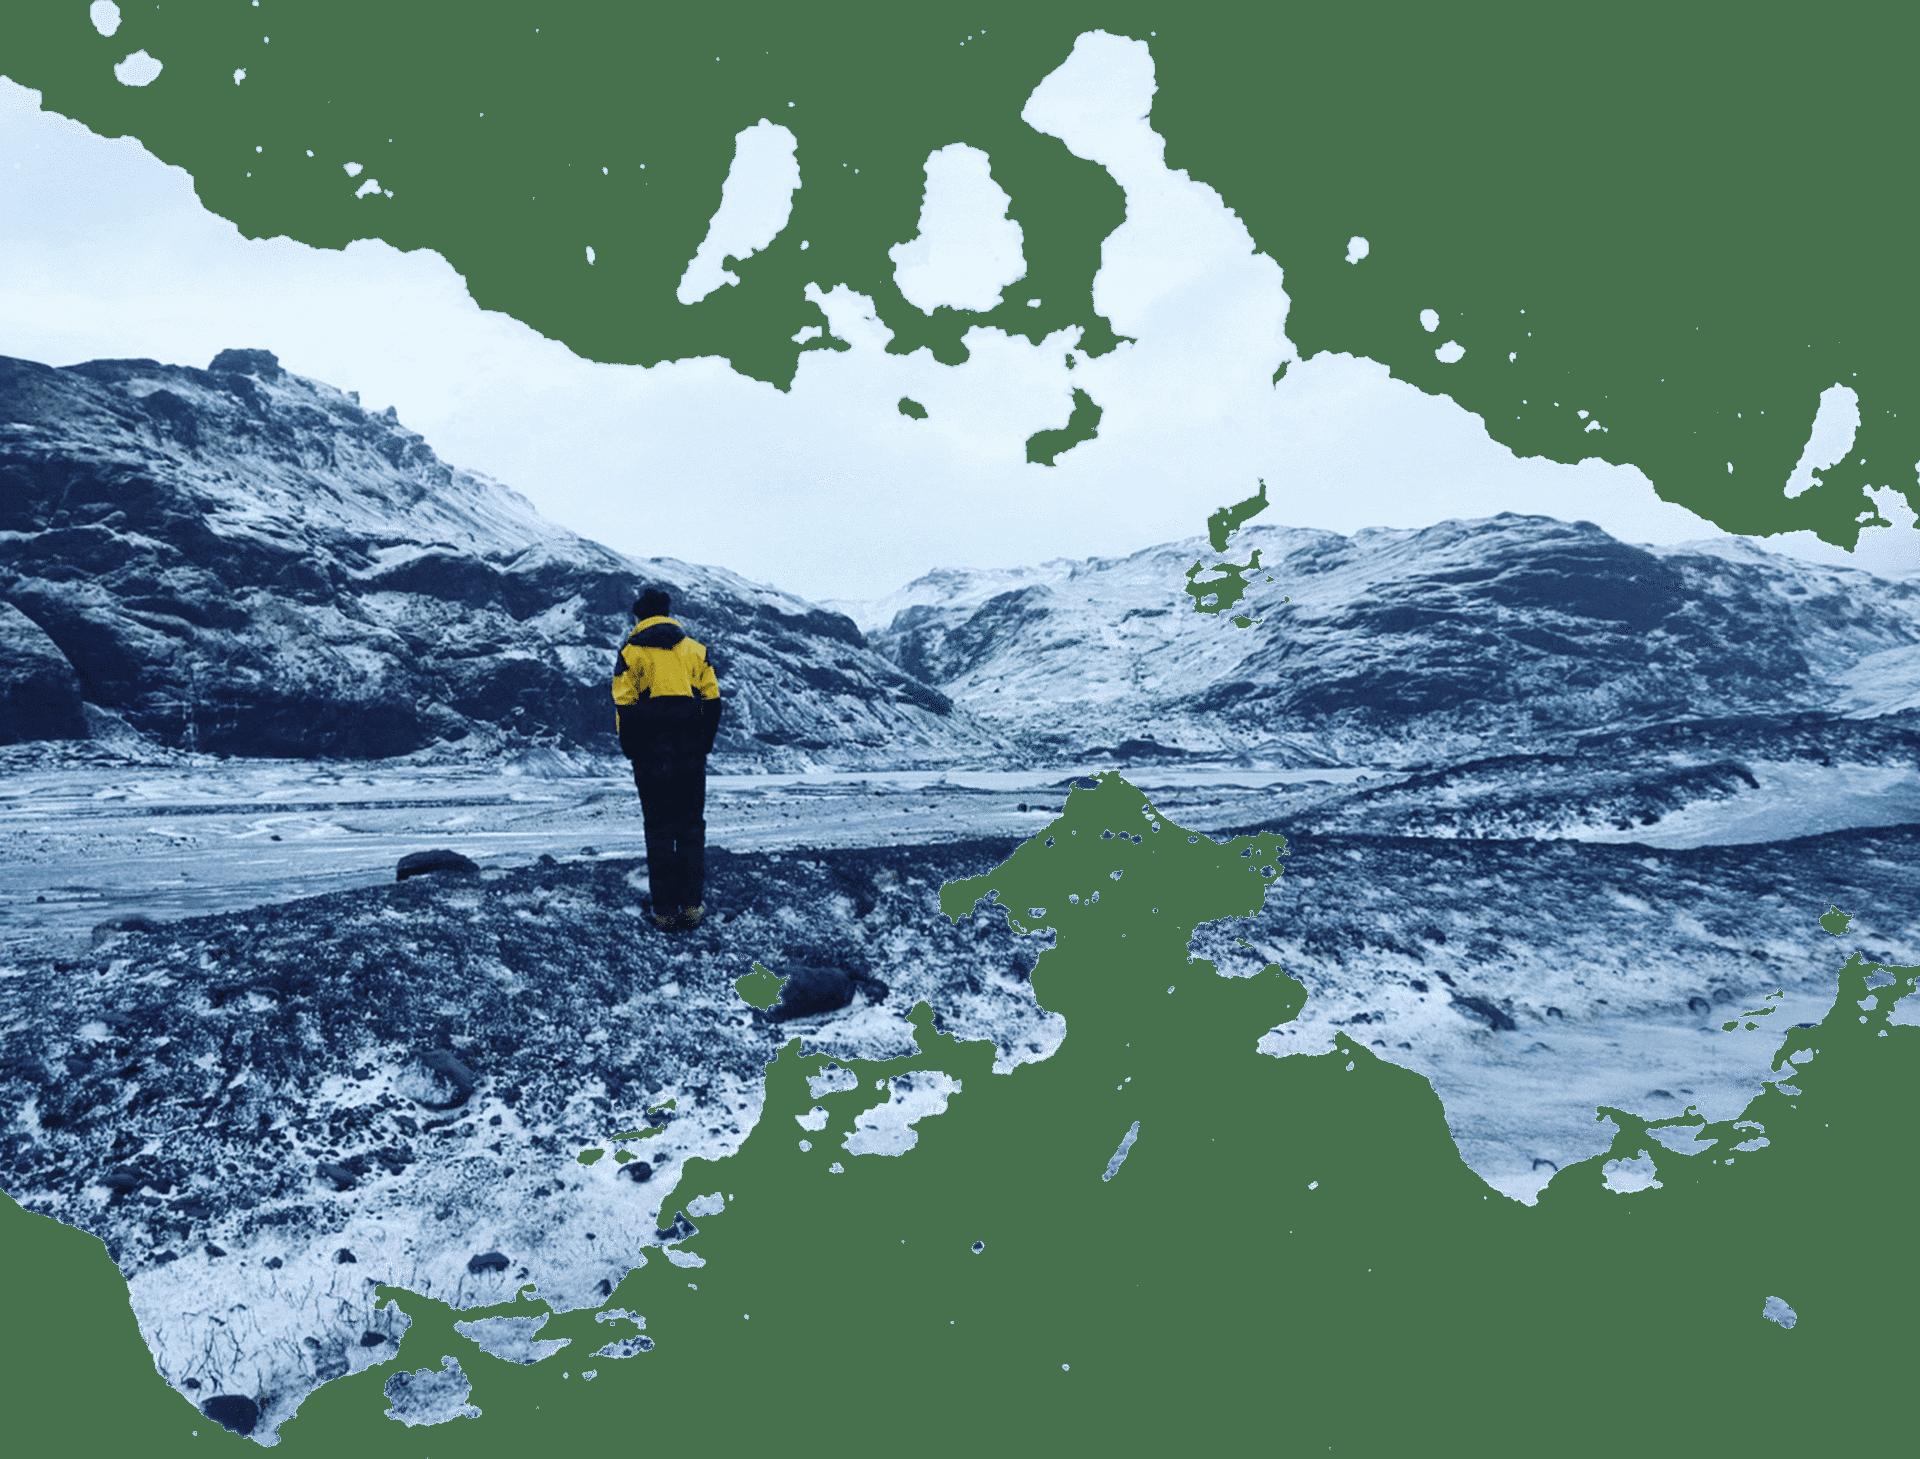 iceland-background-image